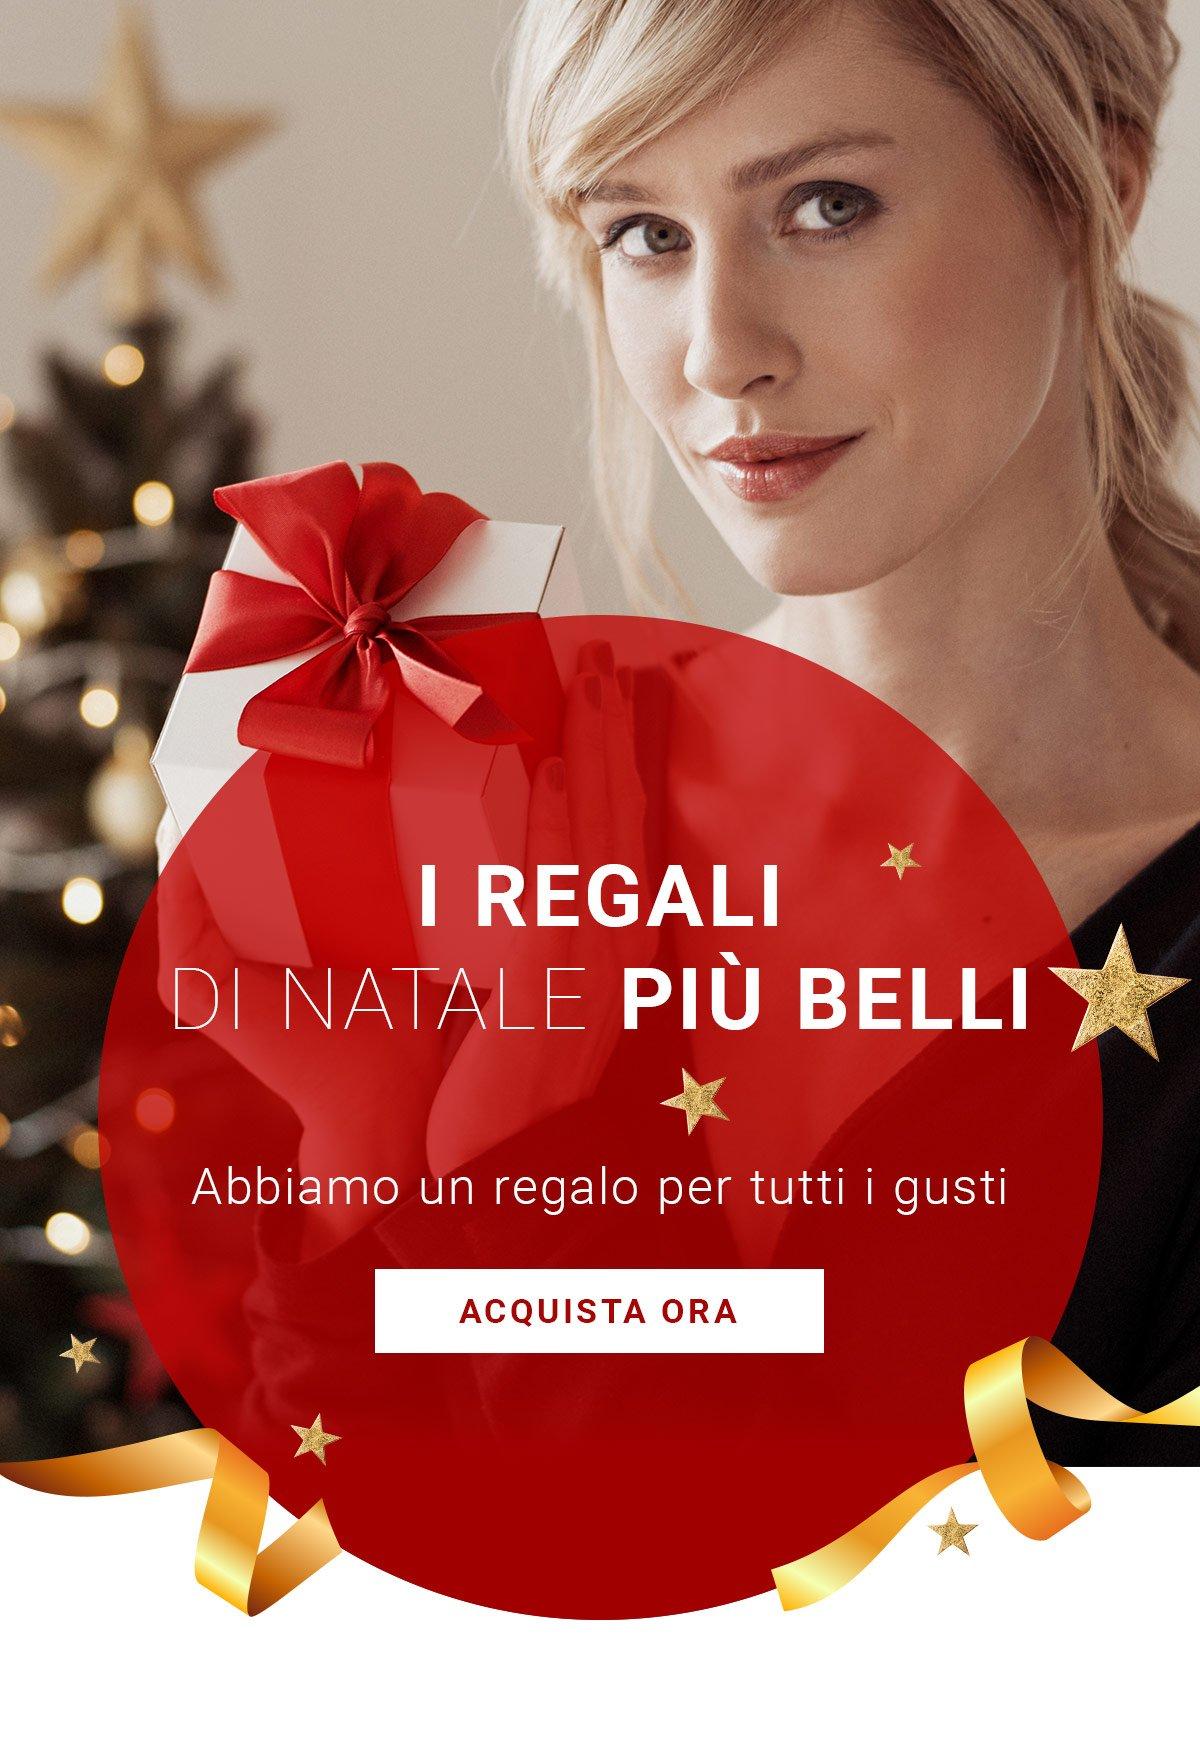 10 Regali Di Natale Piu Belli.Notino It 10 Su Tutti I Set Regalo Per La Cura Dei Capelli Ultimo Giorno Di Regali Con Notino Milled